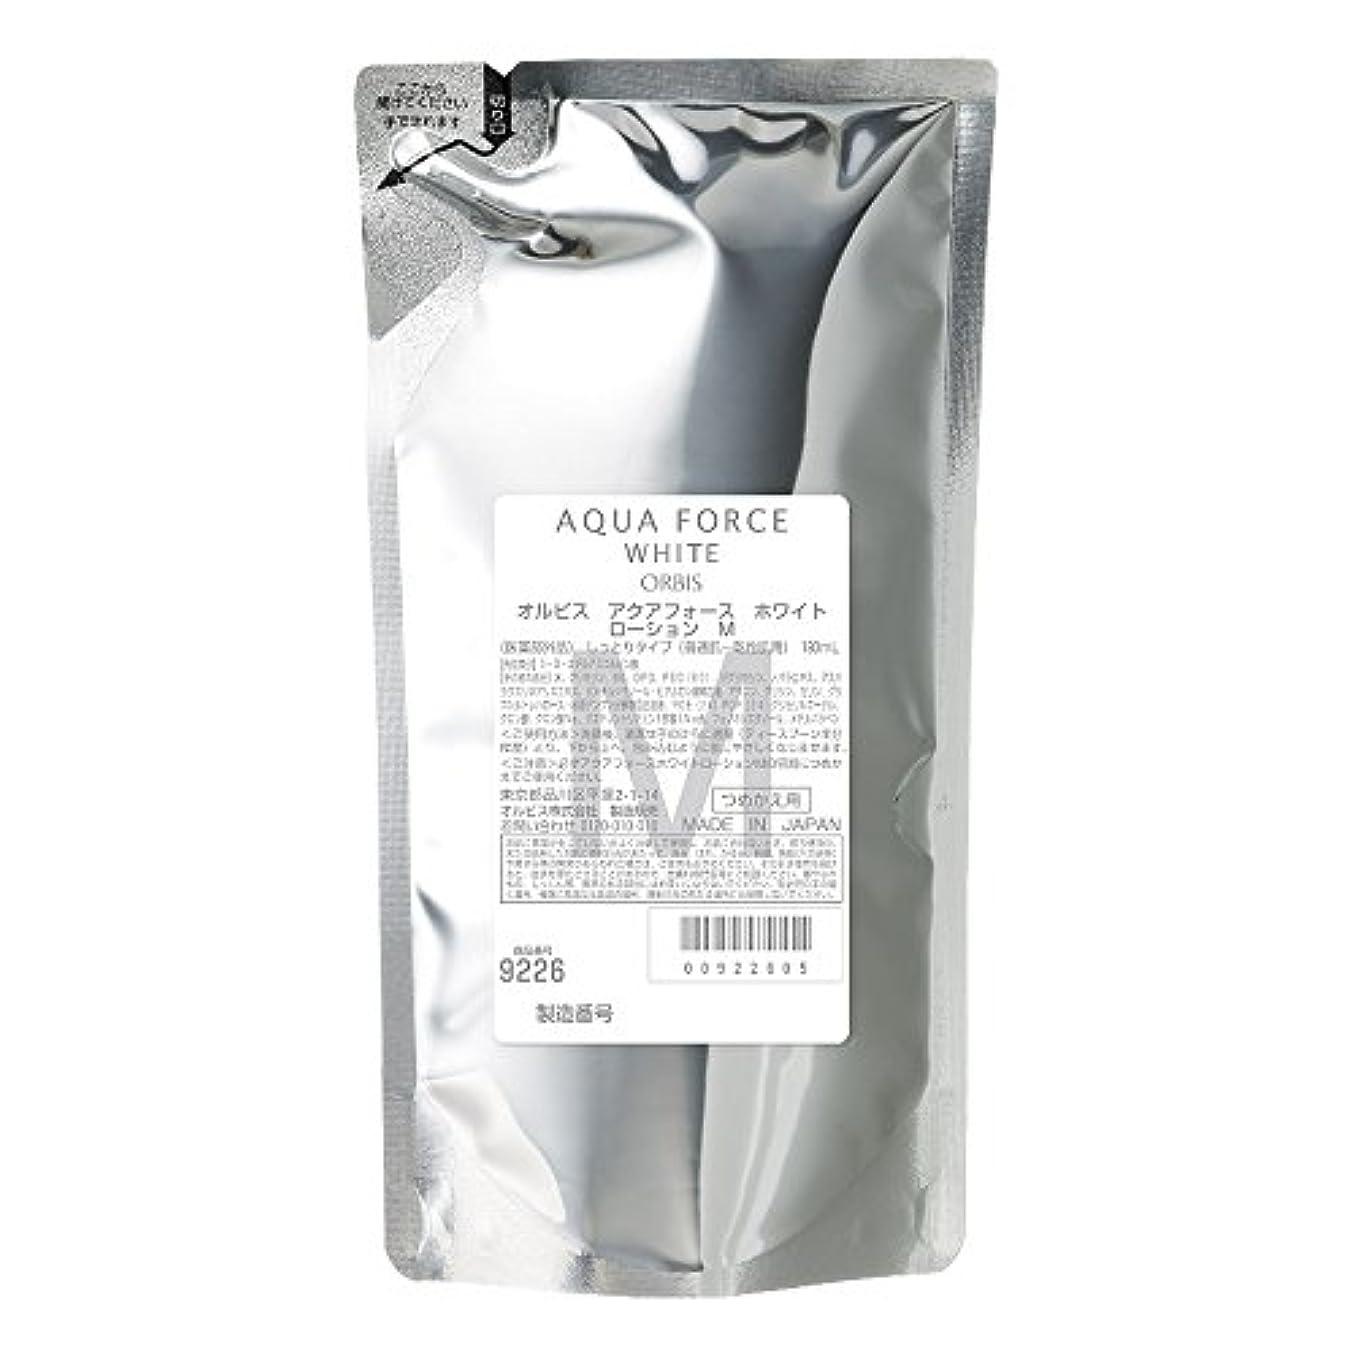 オルビス(ORBIS) アクアフォースホワイトローション Mタイプ(しっとり) つめかえ用 180mL ◎薬用美白化粧水◎